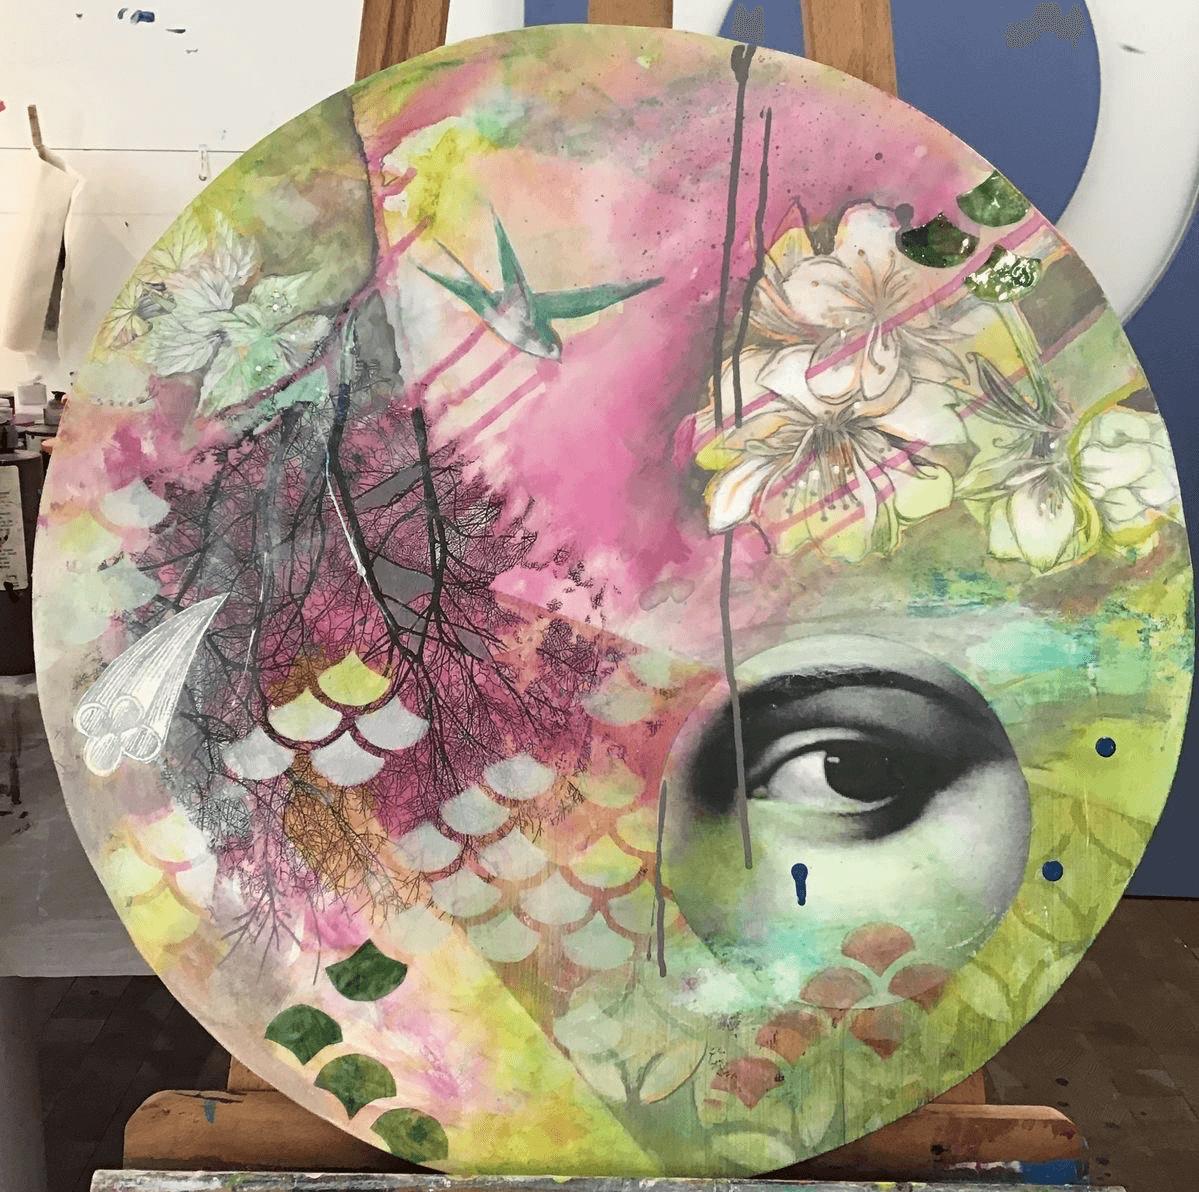 Mondo Tondo in Acrylic Paint